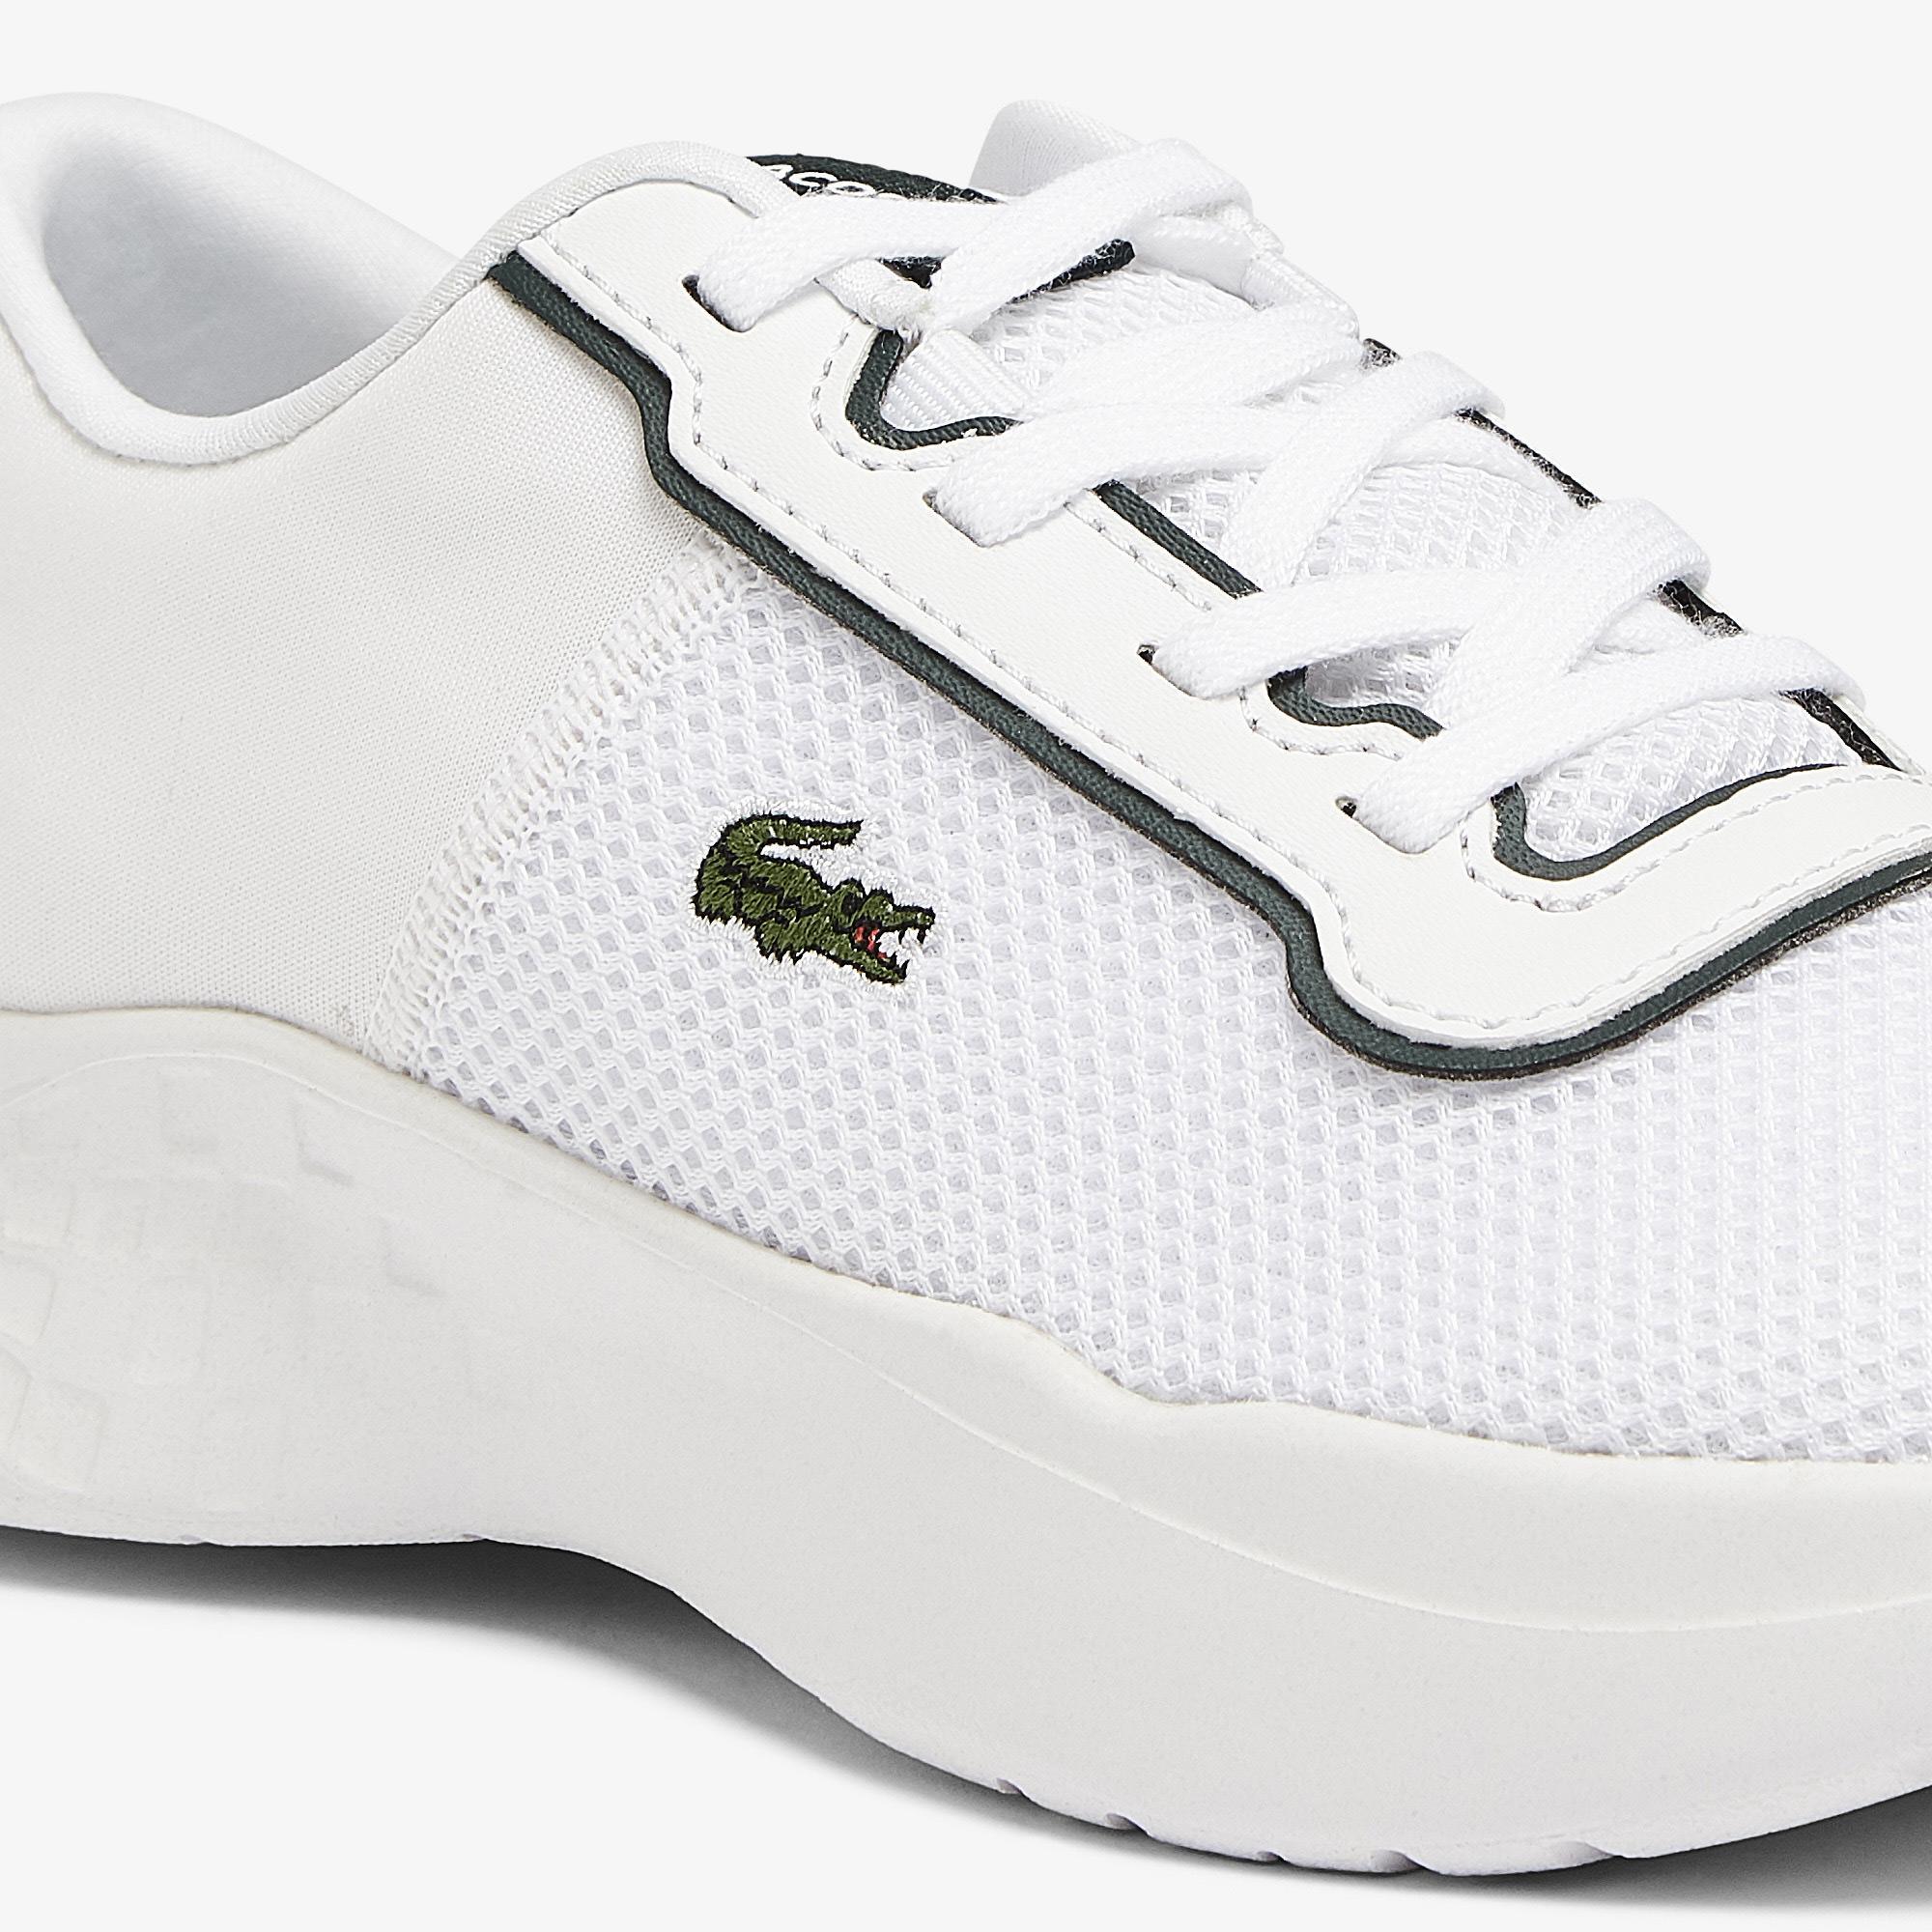 Lacoste Court-Drive 0721 1 Suc Çocuk Deri Beyaz - Koyu Yeşil Sneaker